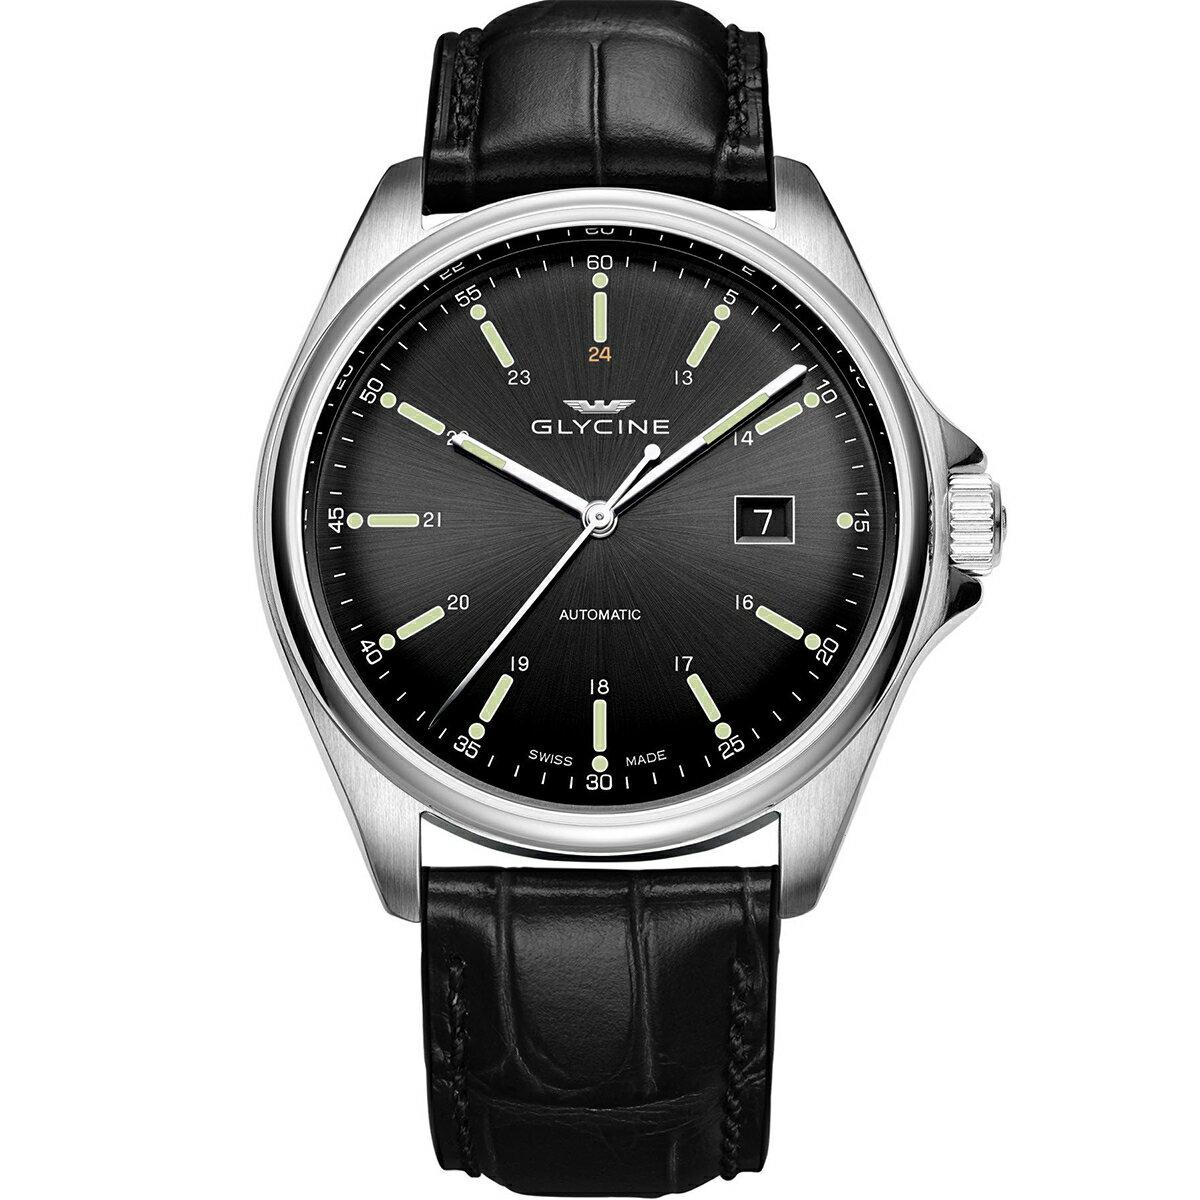 グライシン グリシン GLYCINE コンバット6 クラシック COMBAT 6 CLASSIC 43 GL0109 メンズ 時計 腕時計 自動巻き オートマチック スイス製 スイスメイド パイロット